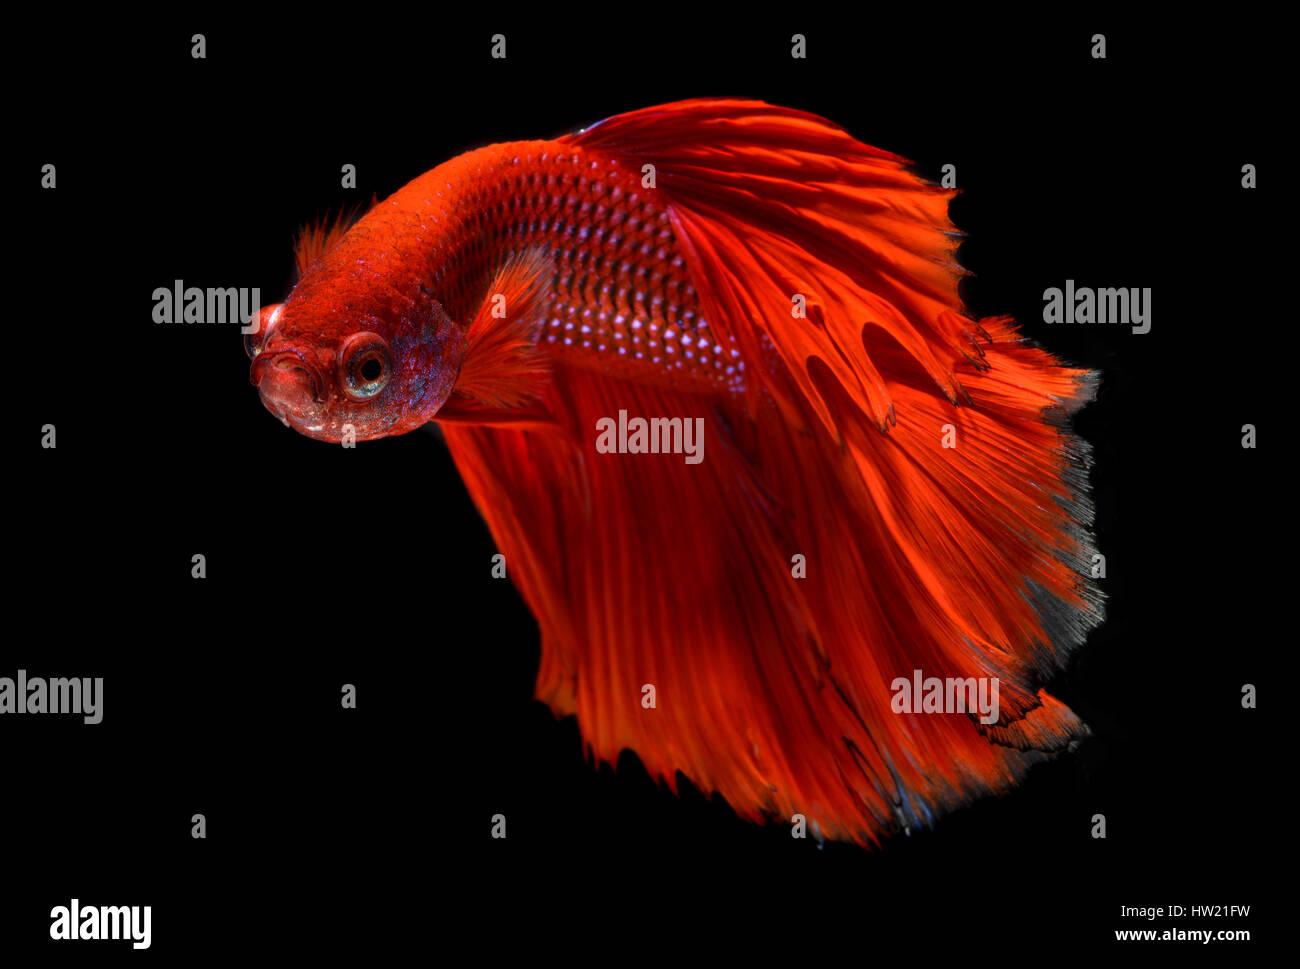 Aktion der rote Stiel Mond Longtail Betta Fische oder siamesische Kampffische Foto in Flash-Studio-Beleuchtung. Stockbild